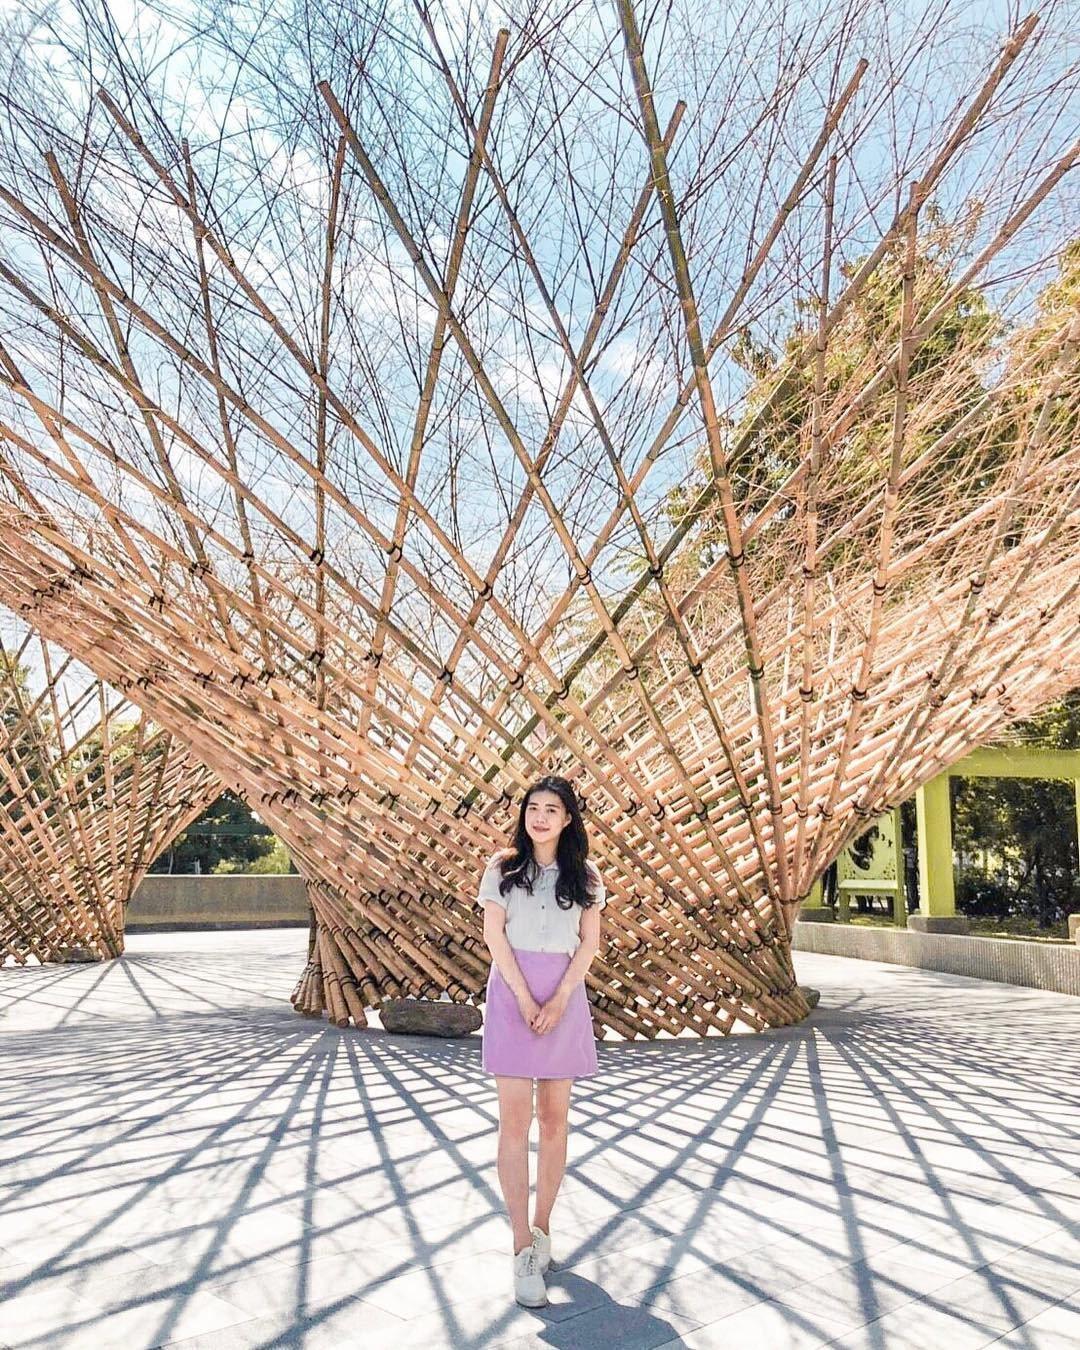 (圖/IG@sharon_life813提供) ▲戶外有三座用竹子編織出的裝置藝...